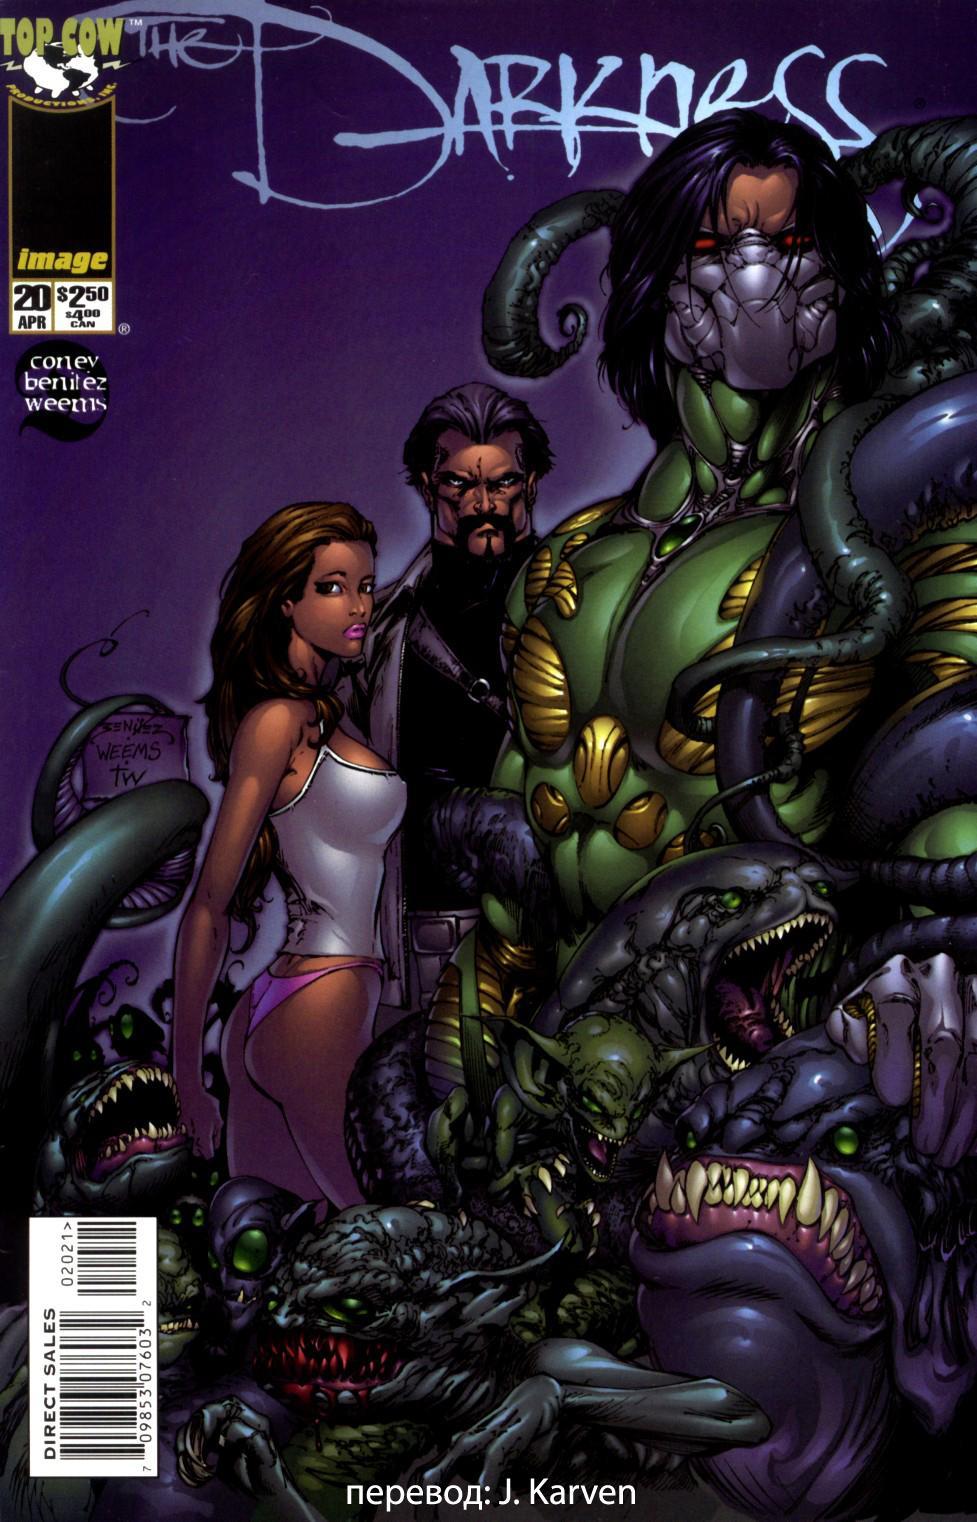 Комиксы Онлайн - Тьма (Даркнесс) том 1 - # 20 - Страница №1 - Darkness vol 1 - # 20